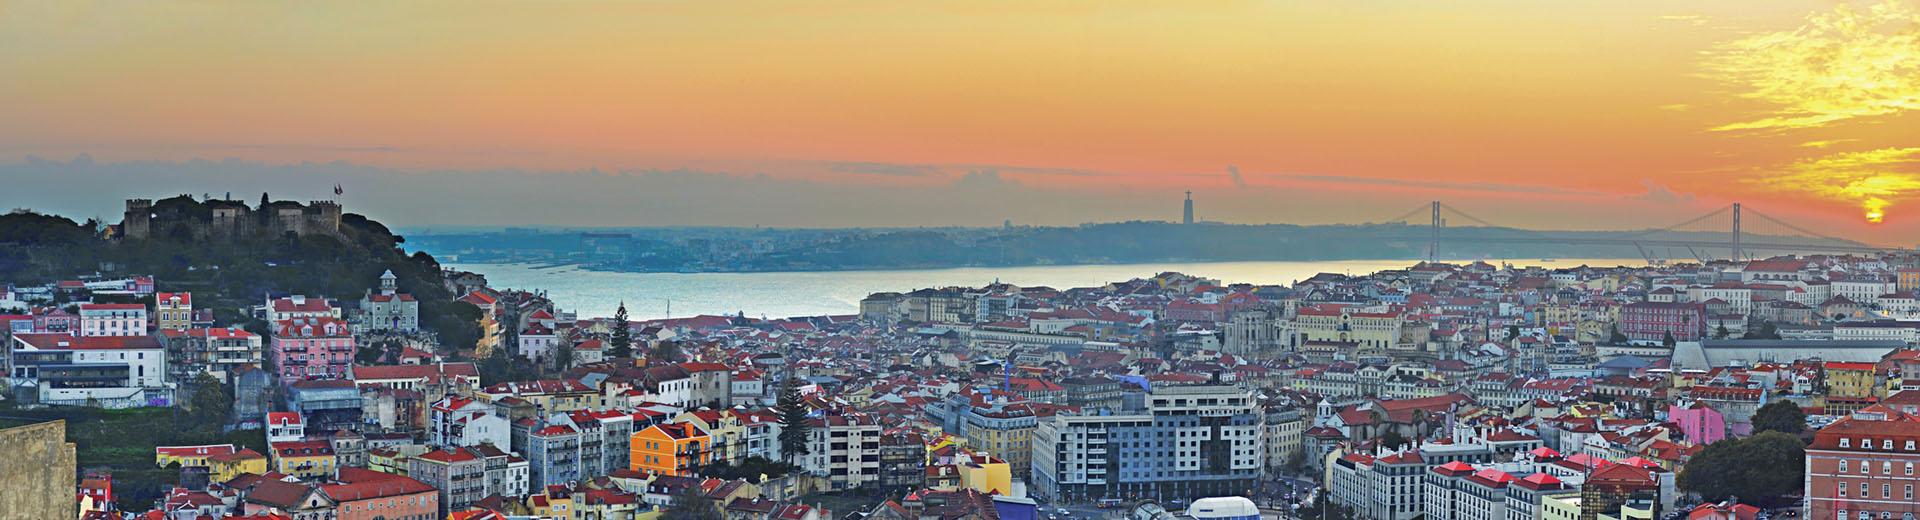 Gruppenreise Lissabon - Package Gruppen Budget Flug